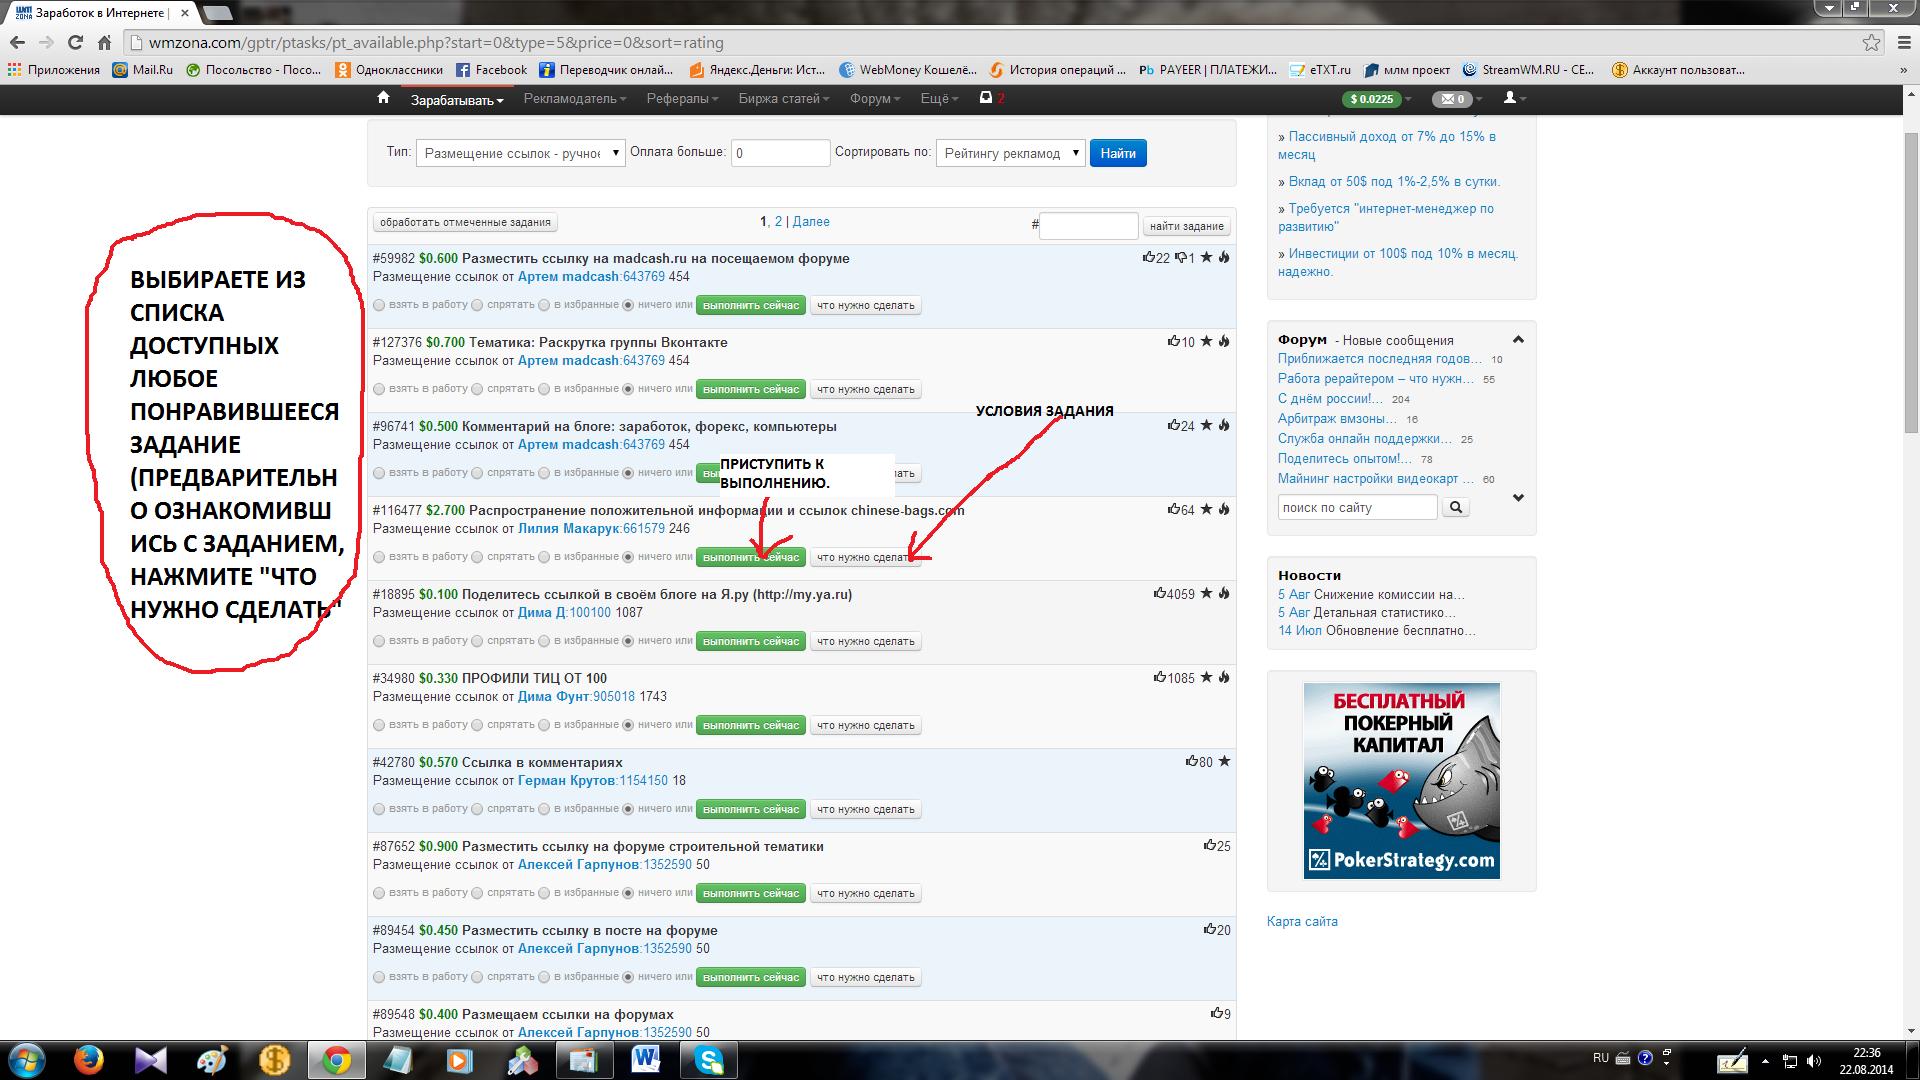 Бесплатное размещение ссылок в интернете уроки созданию макета сайта в фотошопе